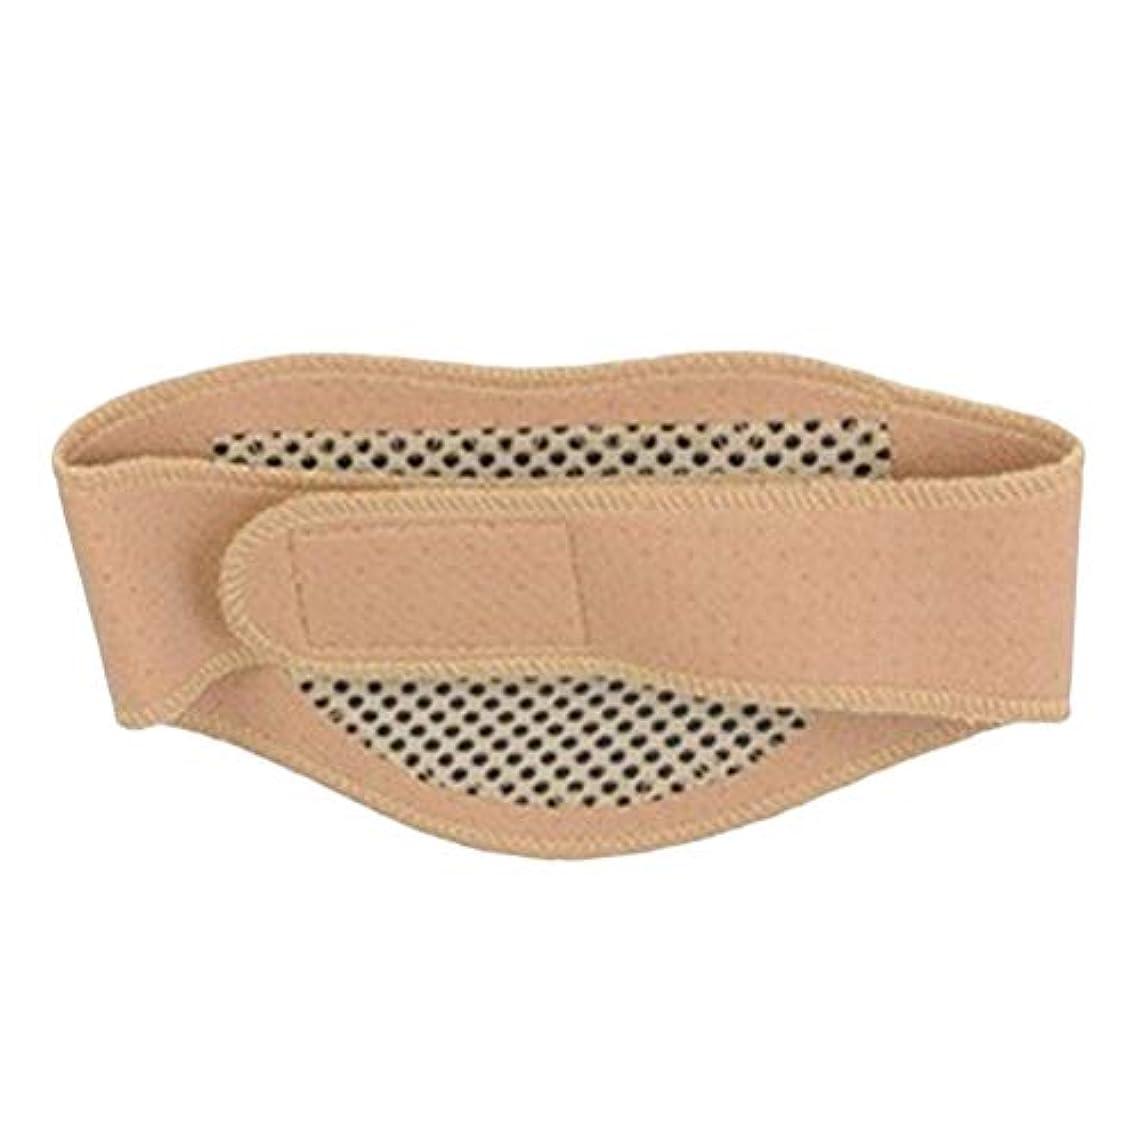 コールド人スパンSUPVOX ネックバックストラップサポート自己保護頸椎自発暖房ガード磁気療法ネックブレース